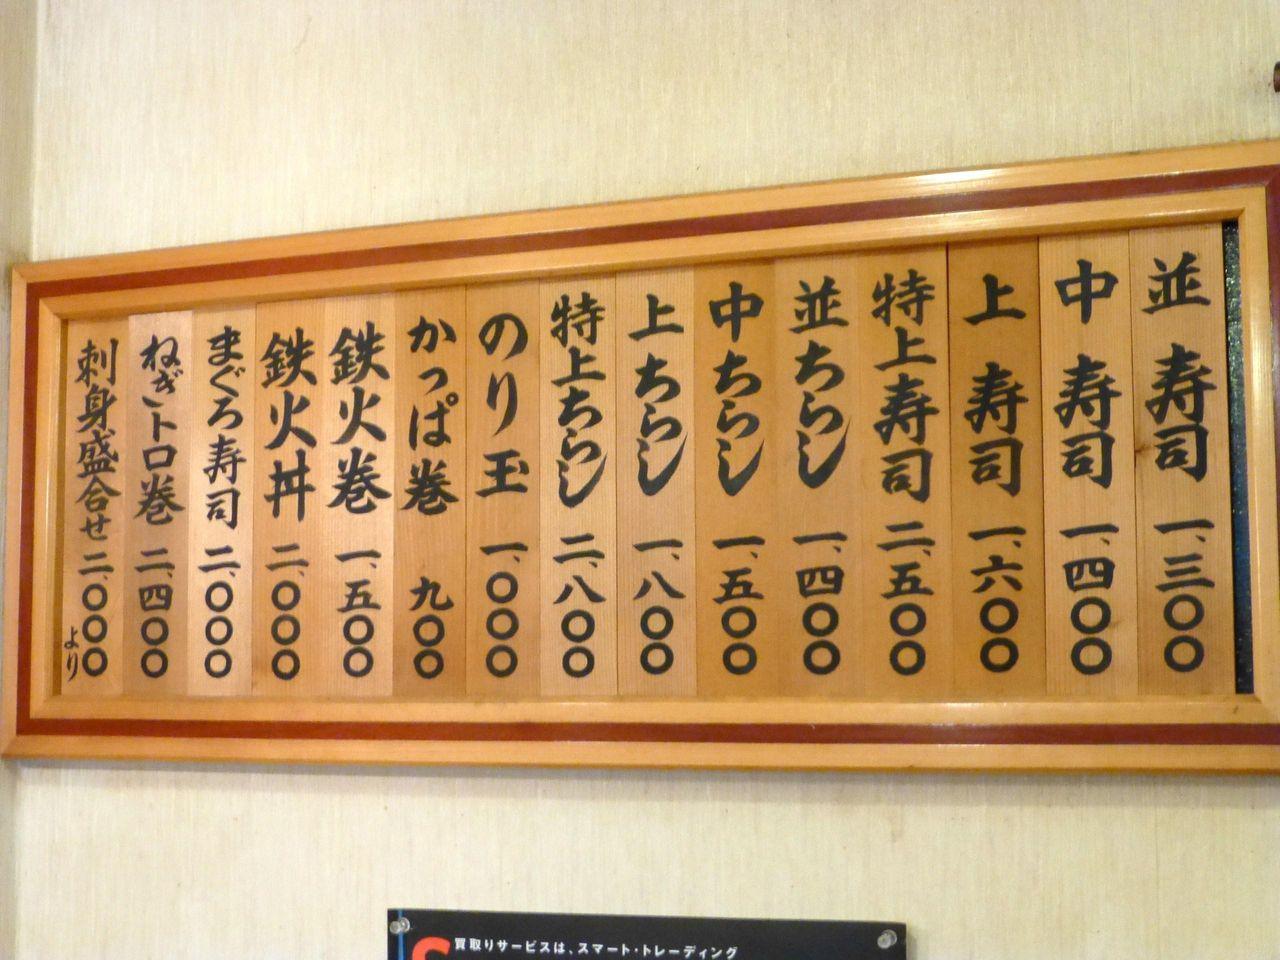 梅寿司のメニュー(25年1月現在)